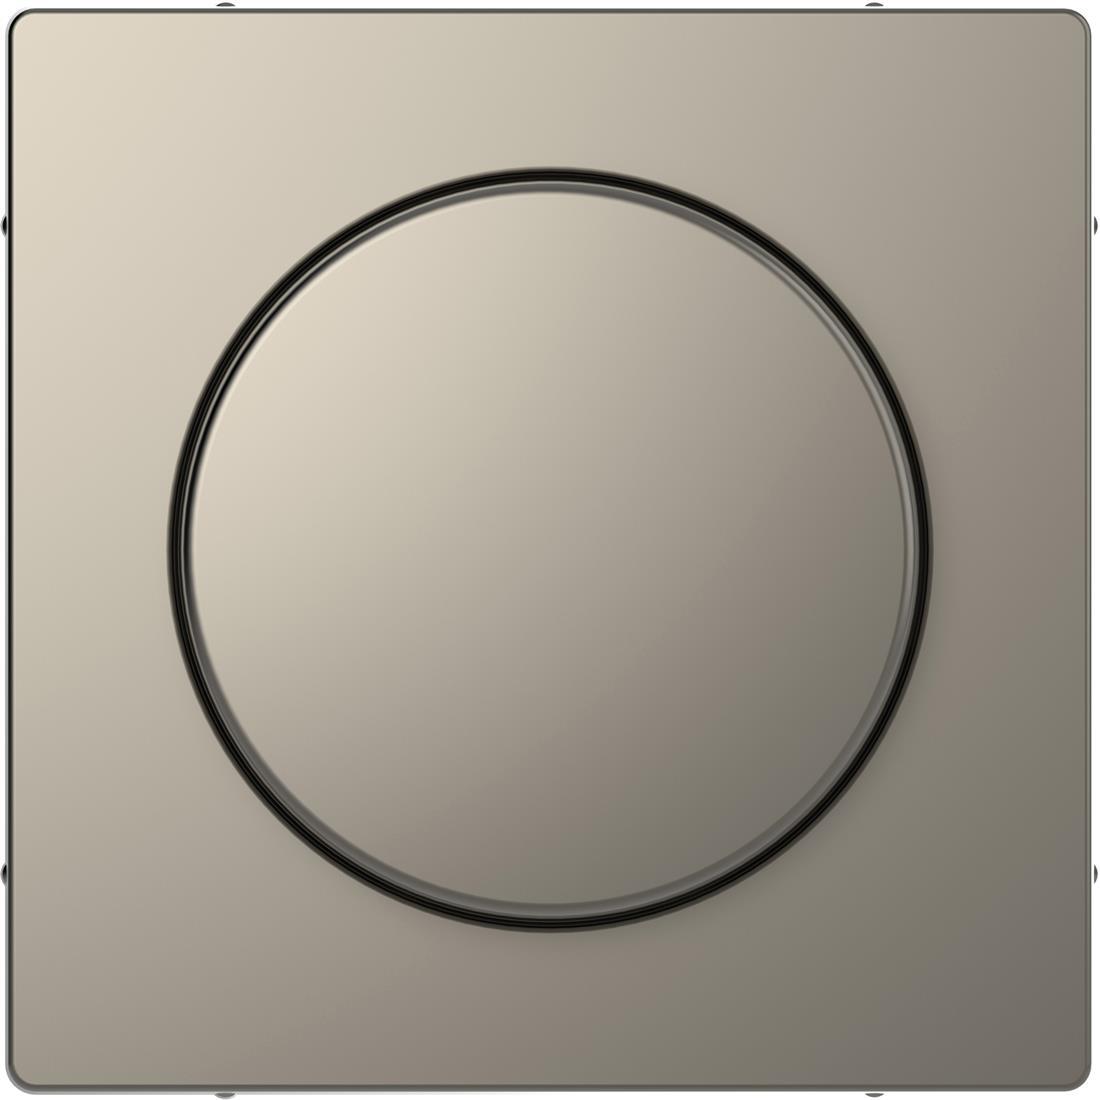 Schneider-Merten D Life centraalplaat met draaiknop - nikkel metallic (MTN5250-6050)